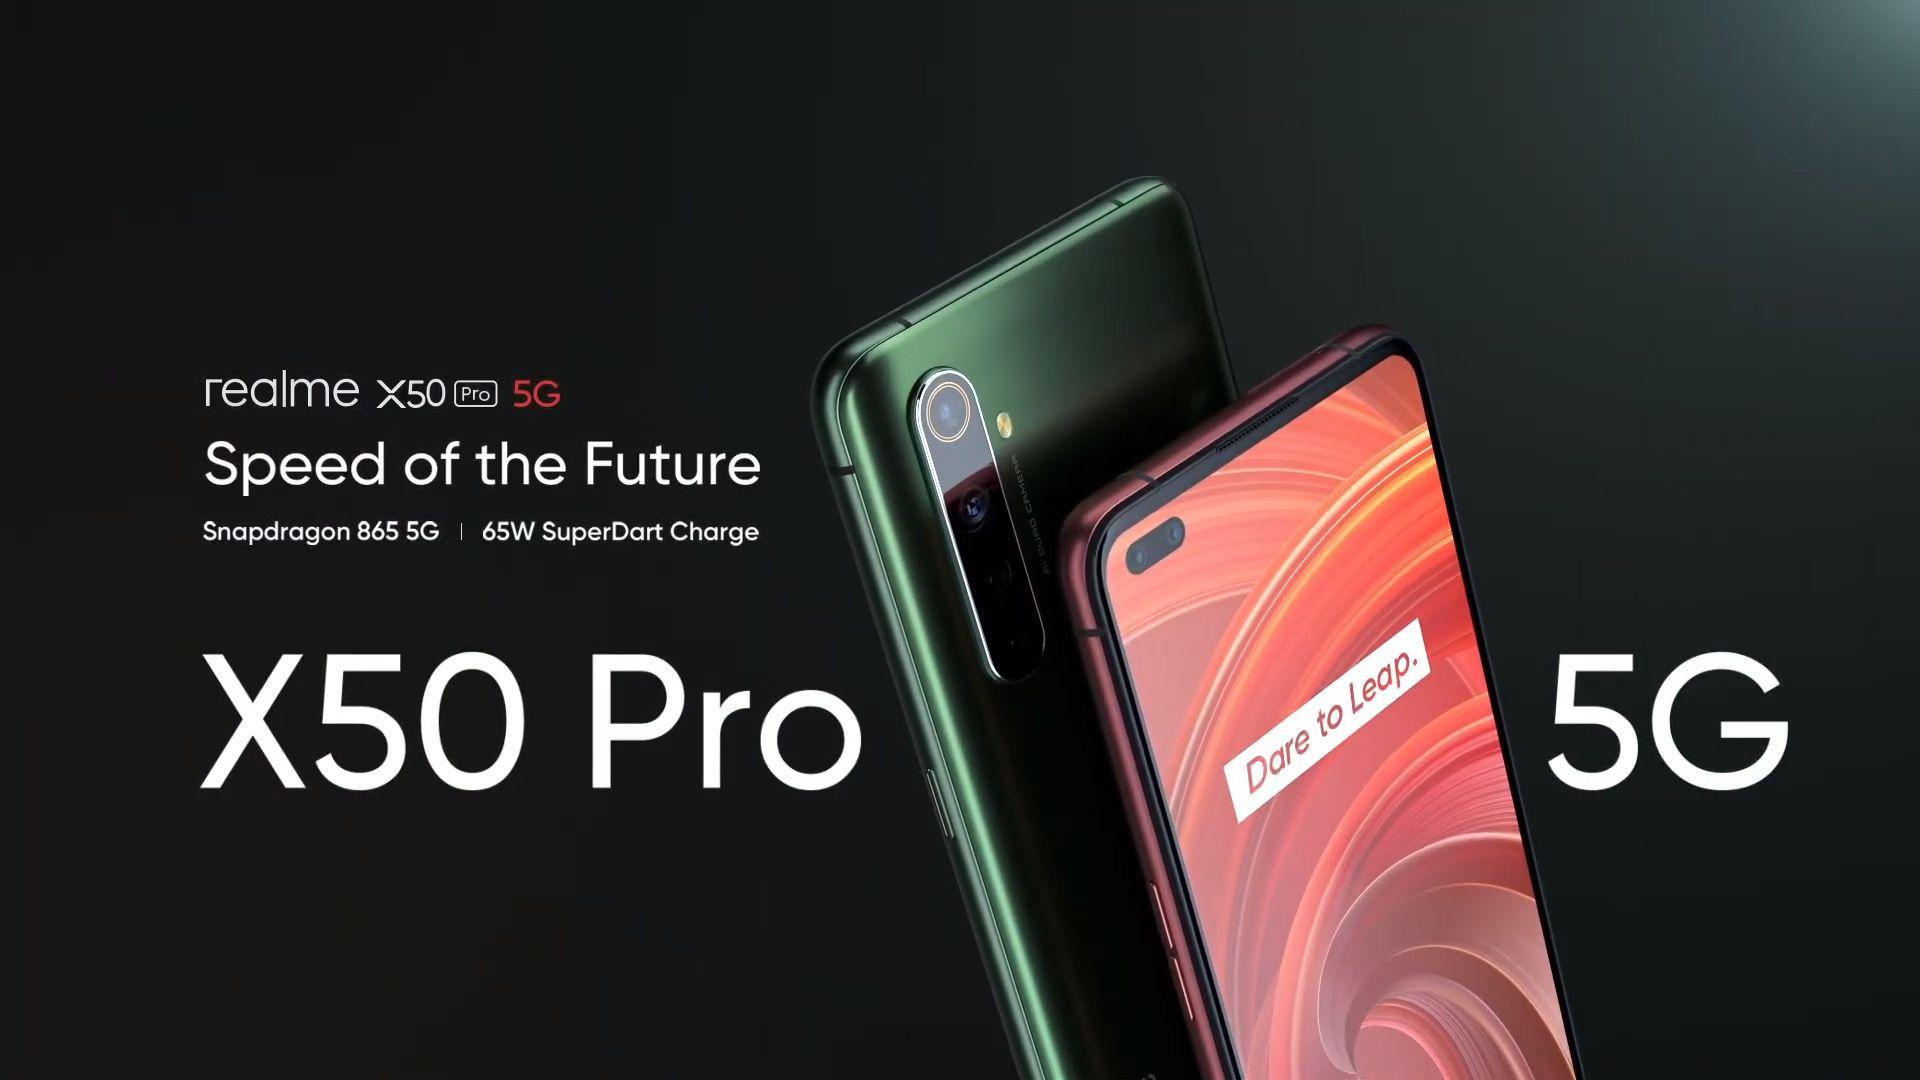 Realme X50 Pro 5G presentato ufficialmente: tanta potenza, 5G, quad camera da 64MP e tanto altro